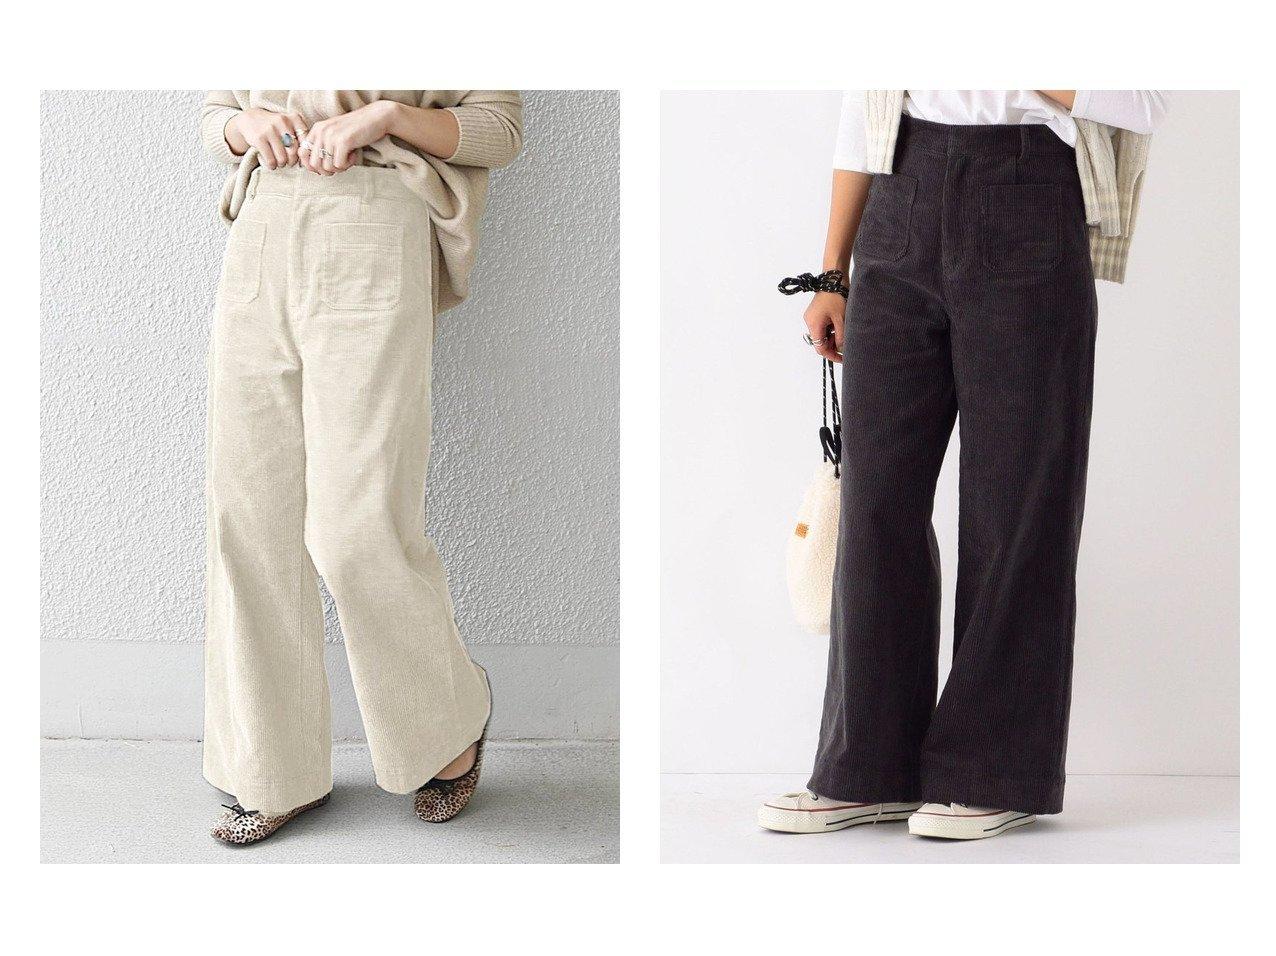 【SHIPS any/シップス エニィ】のSHIPS any コーデュロイ ポケットパンツ パンツのおすすめ!人気、トレンド・レディースファッションの通販 おすすめで人気の流行・トレンド、ファッションの通販商品 メンズファッション・キッズファッション・インテリア・家具・レディースファッション・服の通販 founy(ファニー) https://founy.com/ ファッション Fashion レディースファッション WOMEN パンツ Pants コーデュロイ ジーンズ ポケット 人気 A/W 秋冬 AW Autumn/Winter / FW Fall-Winter |ID:crp329100000011687